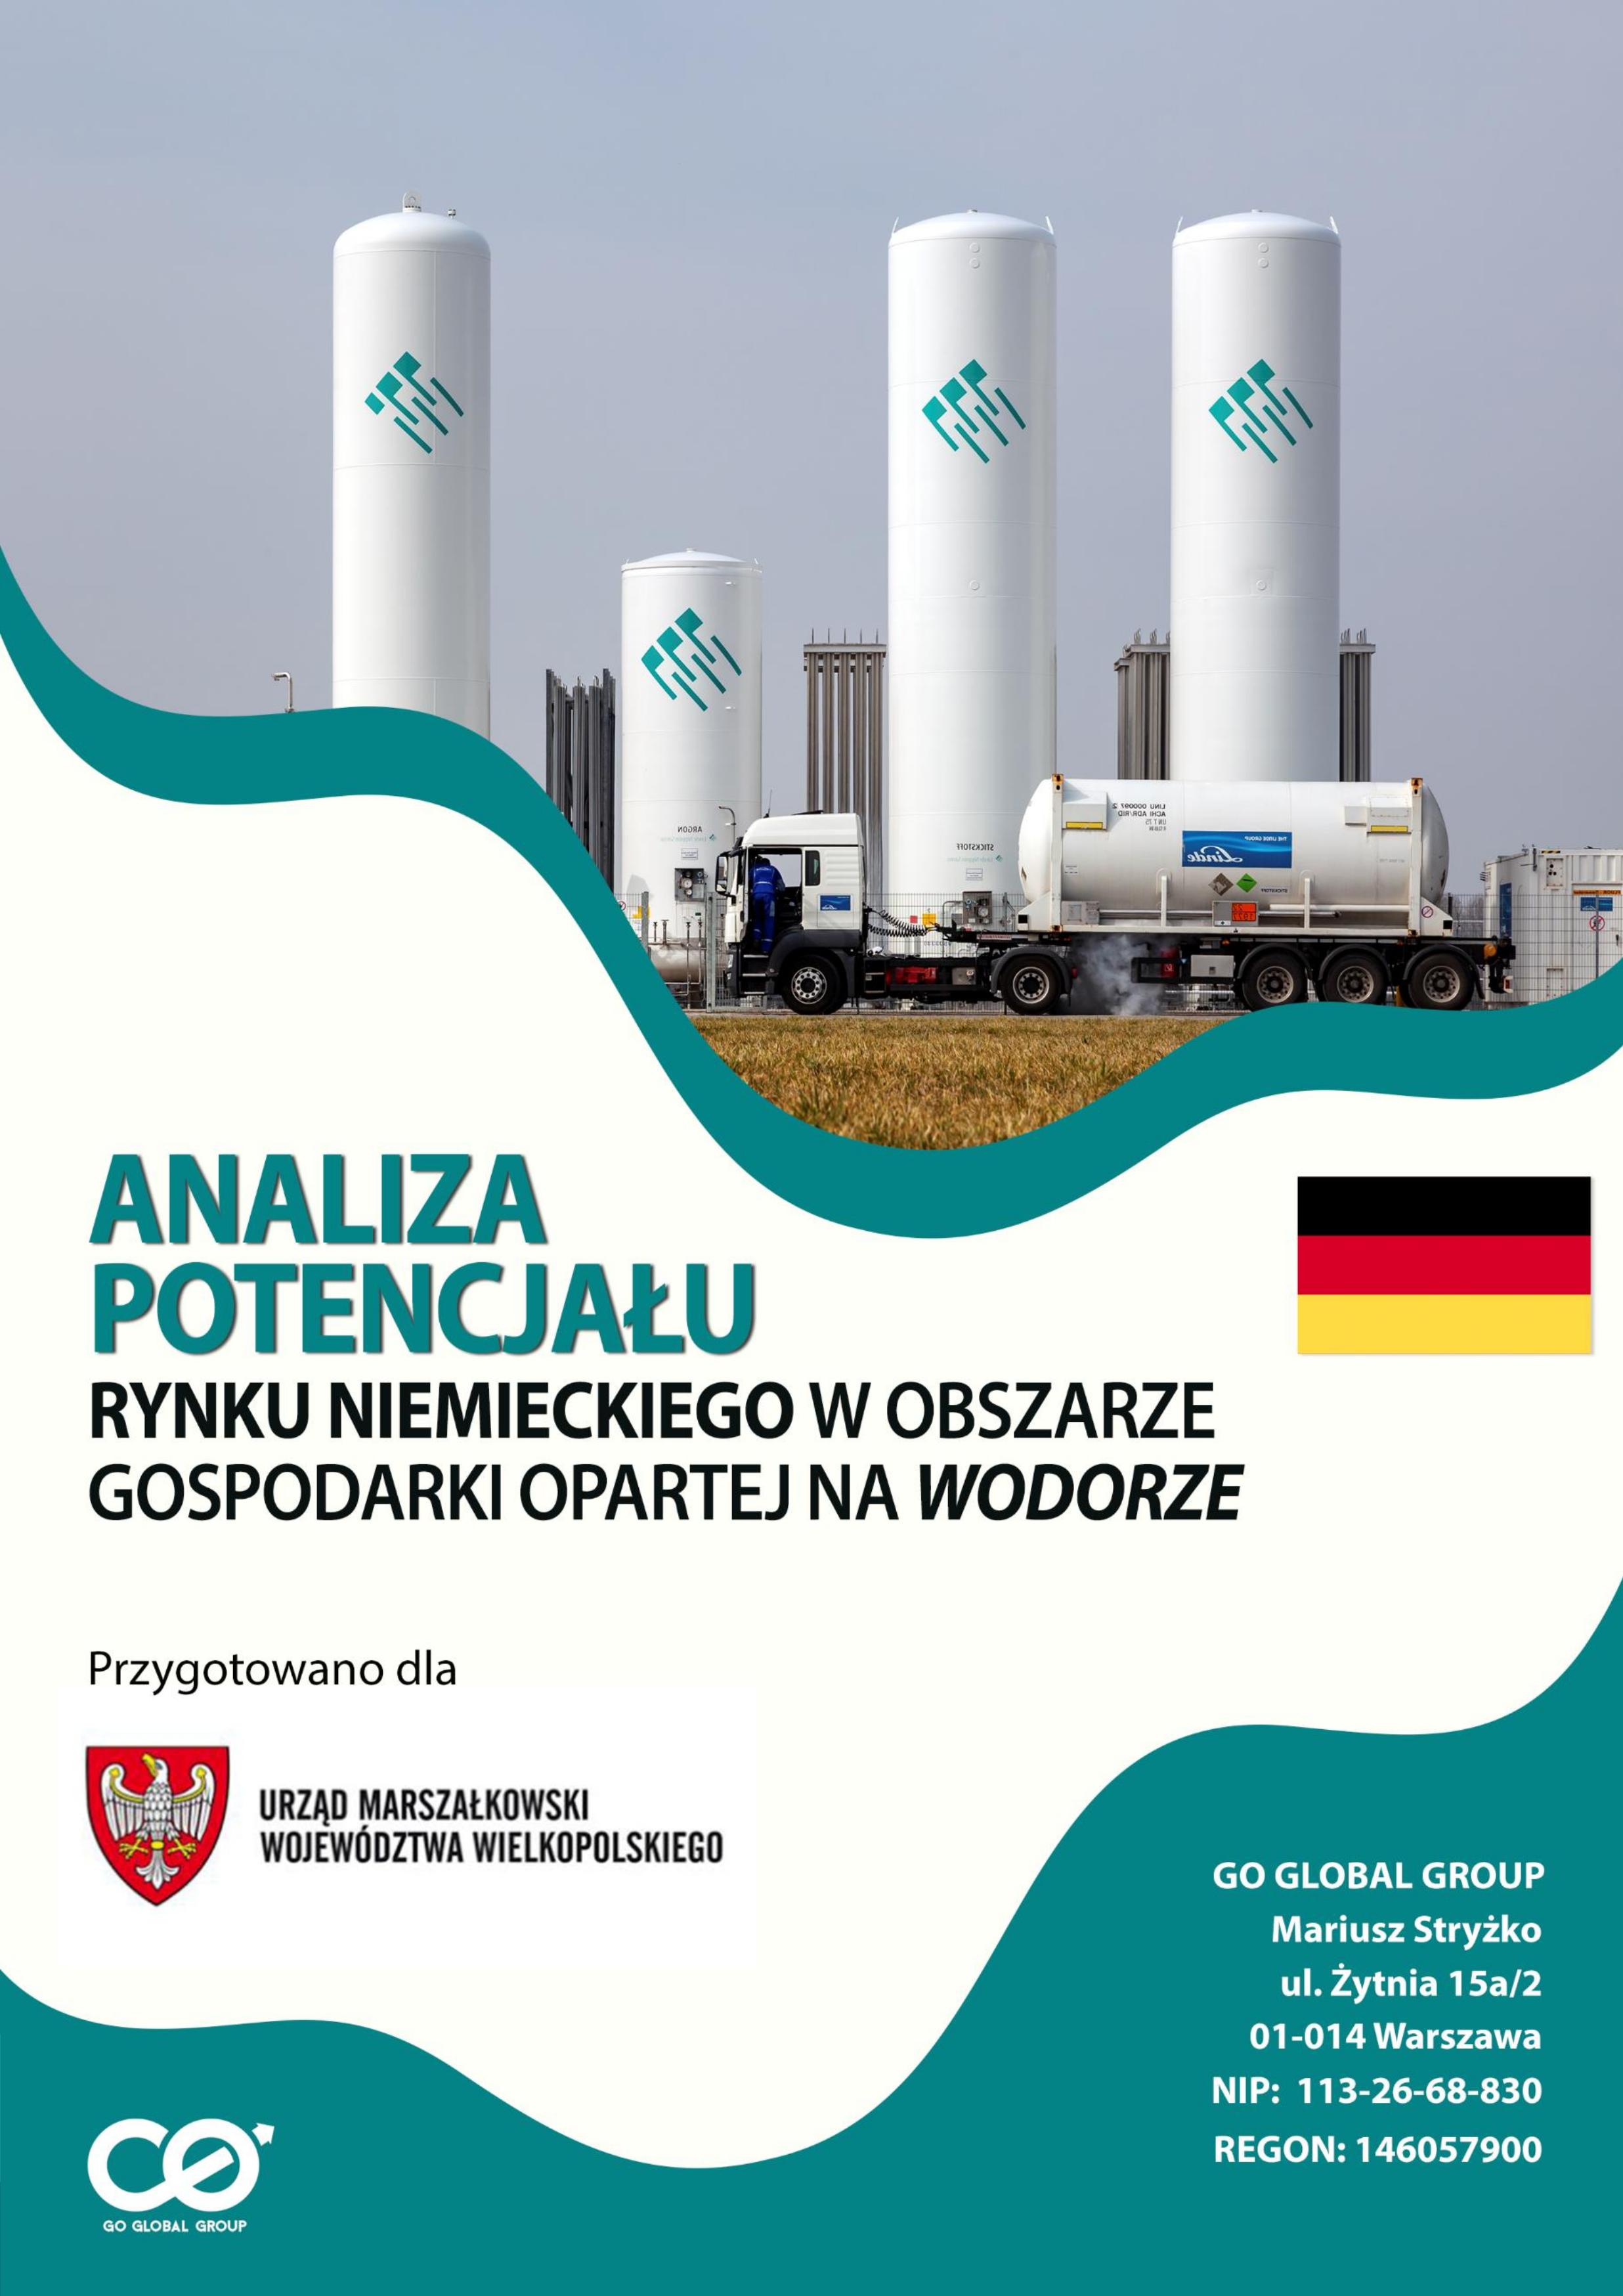 Analiza potencjału rynku niemieckiego w obszarze gospodarki wodorowej